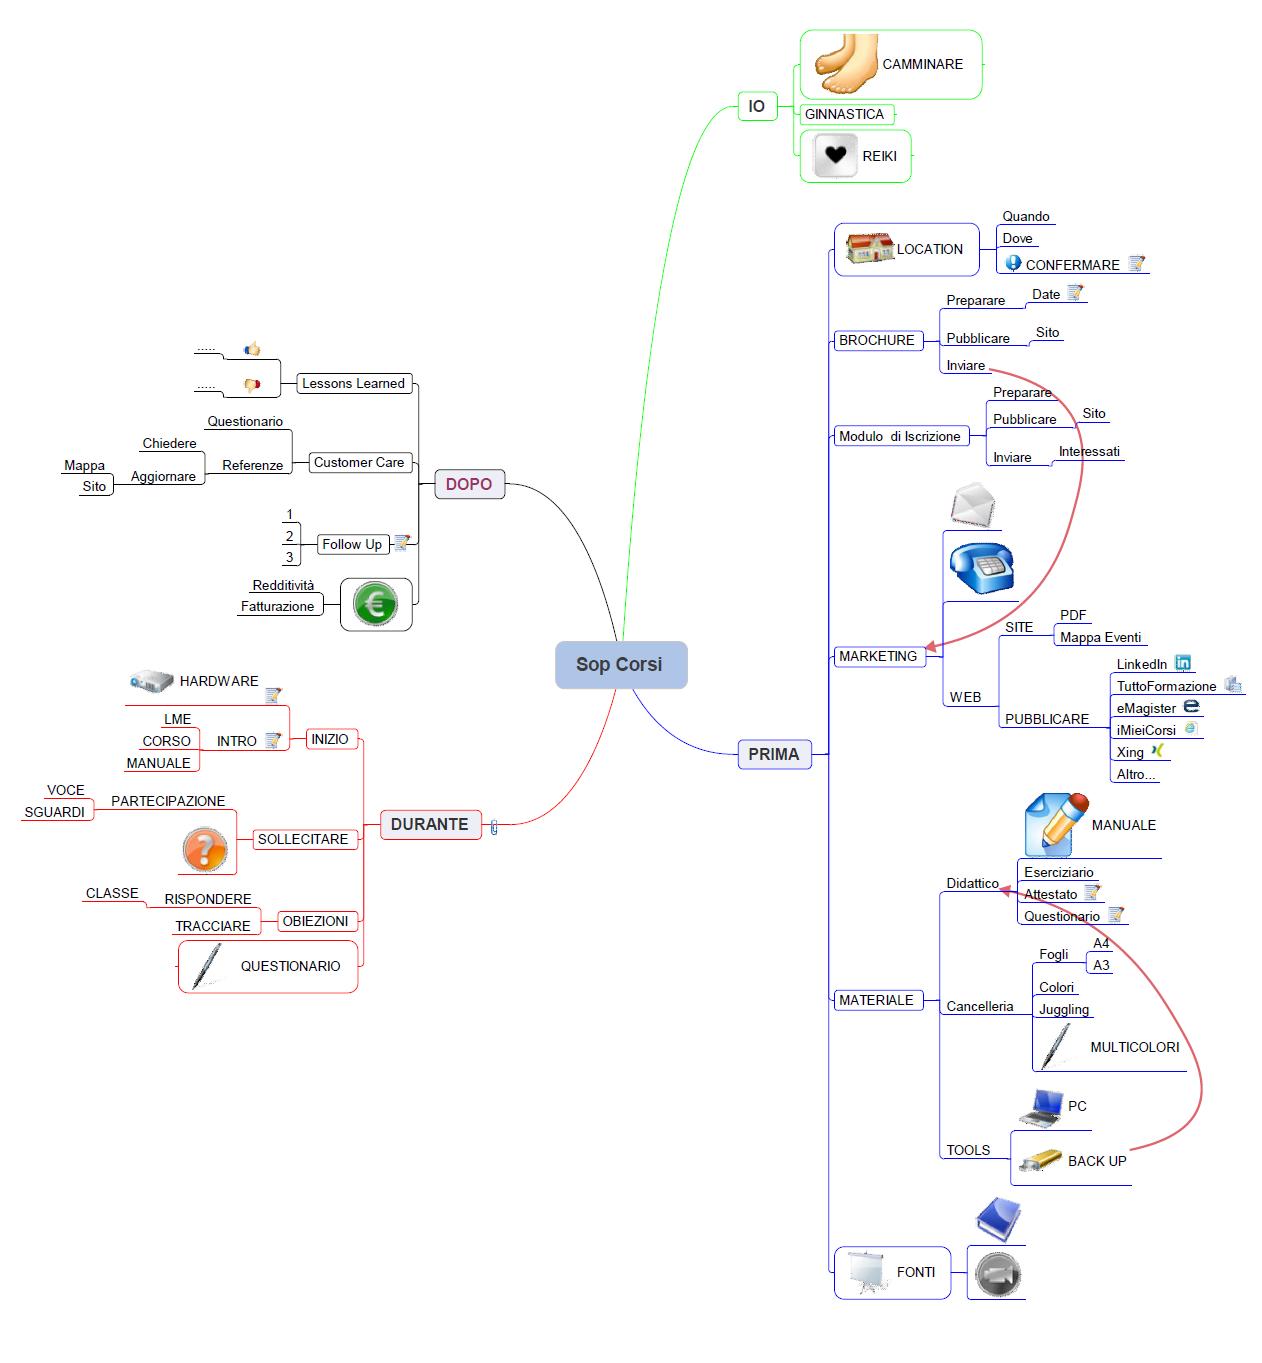 Mappa Mentale SOP CORSI Generale